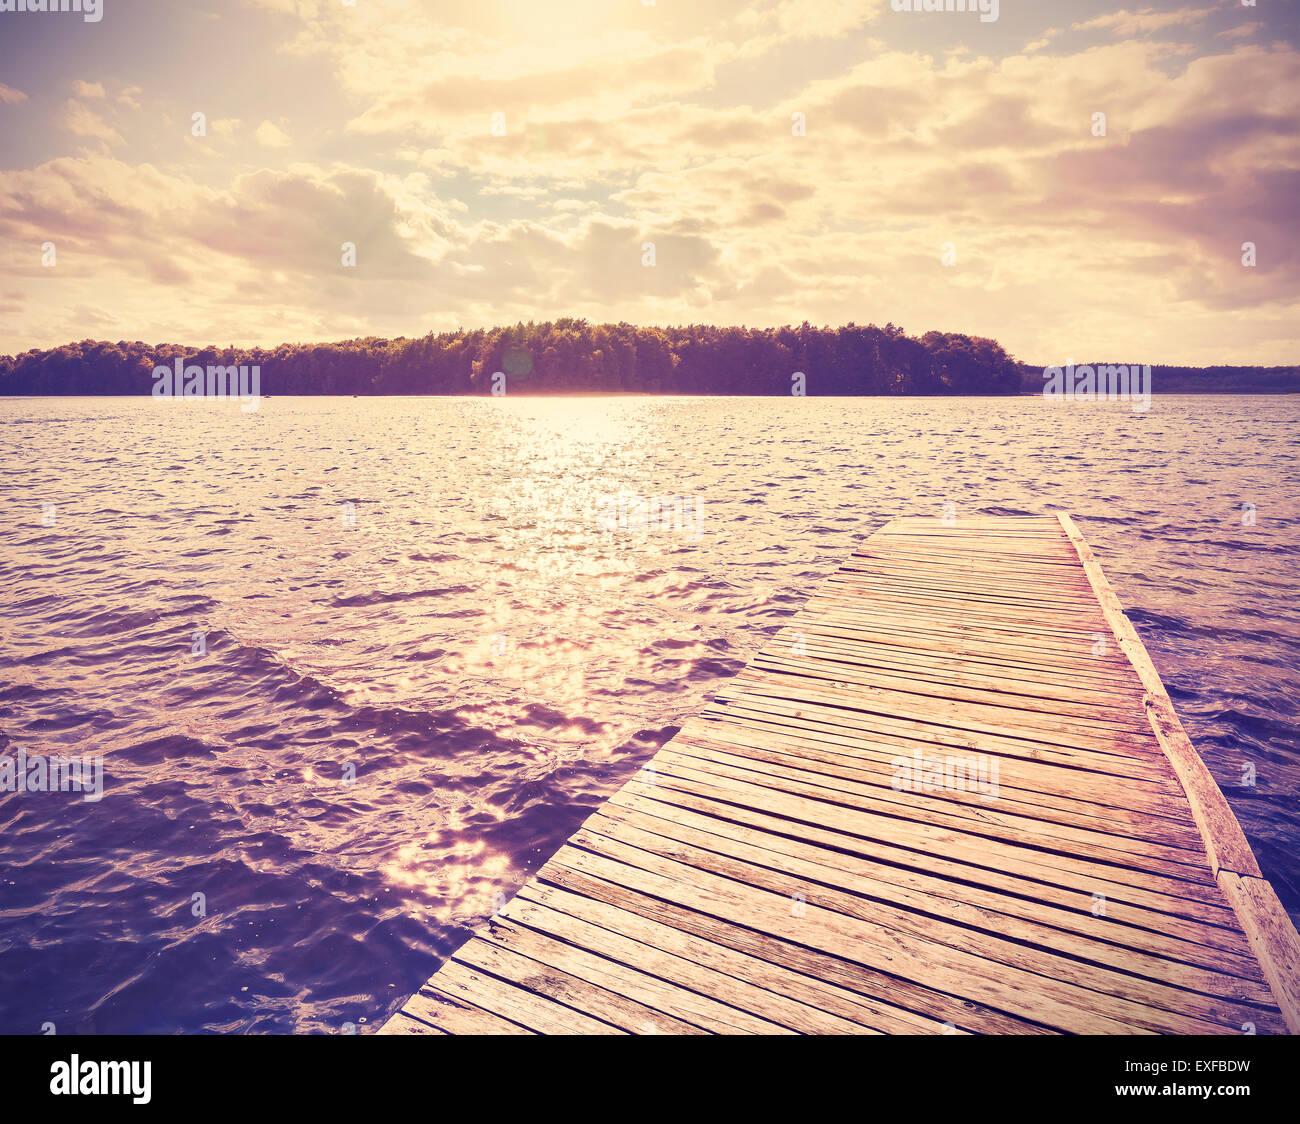 Vintage instagram filtrato dal molo di legno al tramonto. Immagini Stock